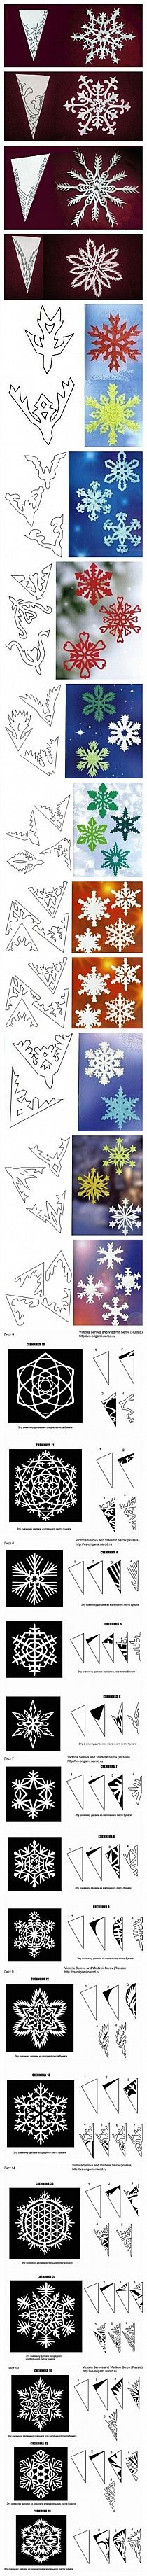 stylowi.pl/XBoS/1425831/dekoracje-swiateczne/strona/8